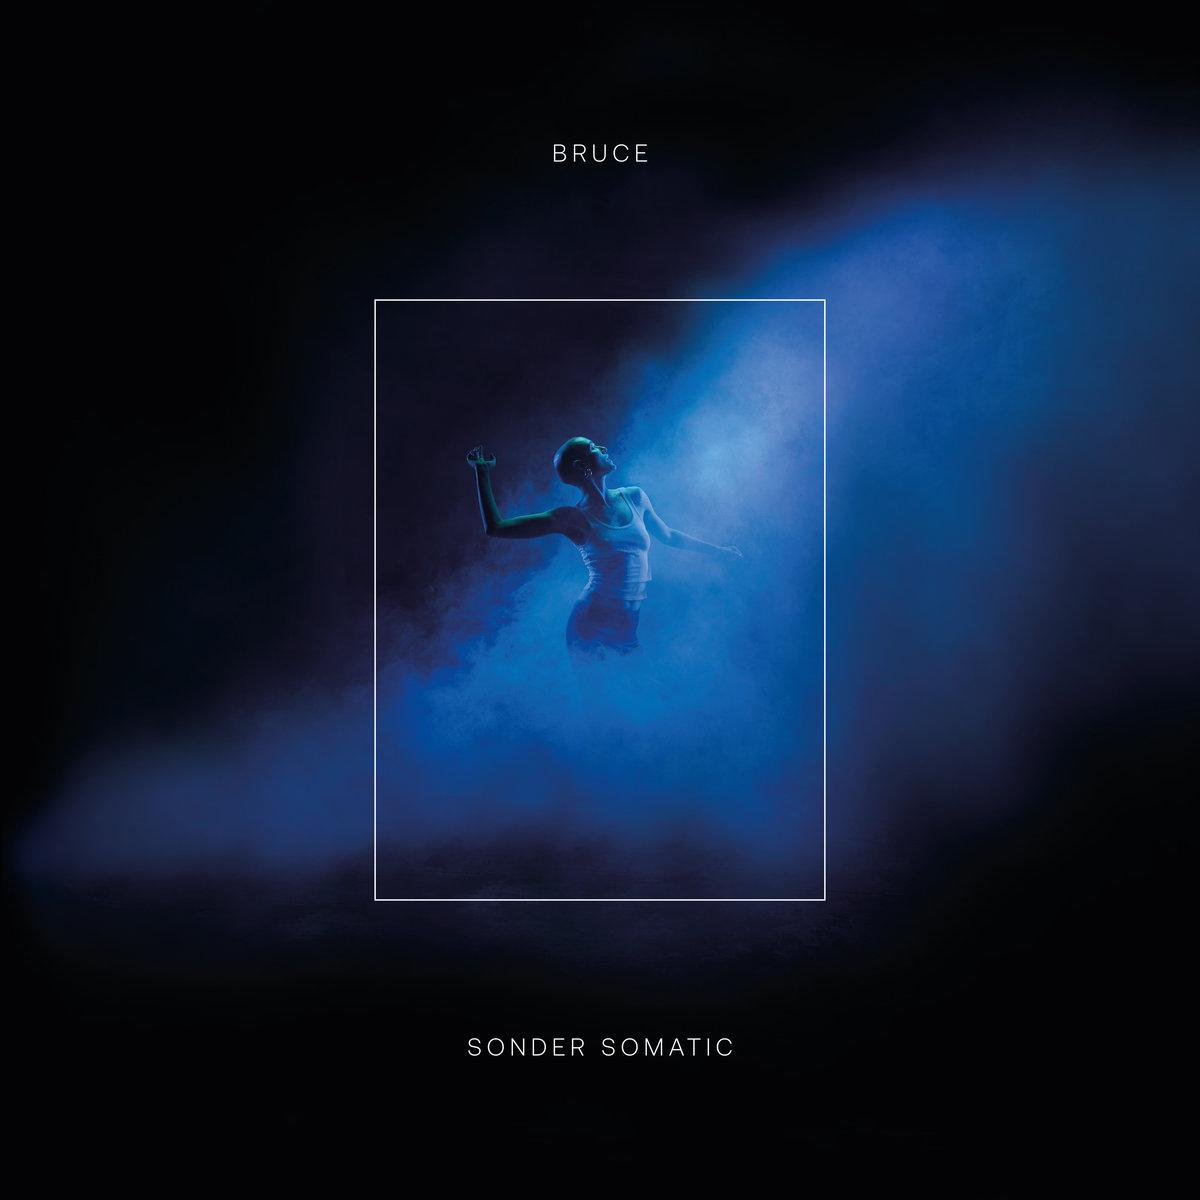 OWEN JONES -BRUCE - SONDER SOMATIC -